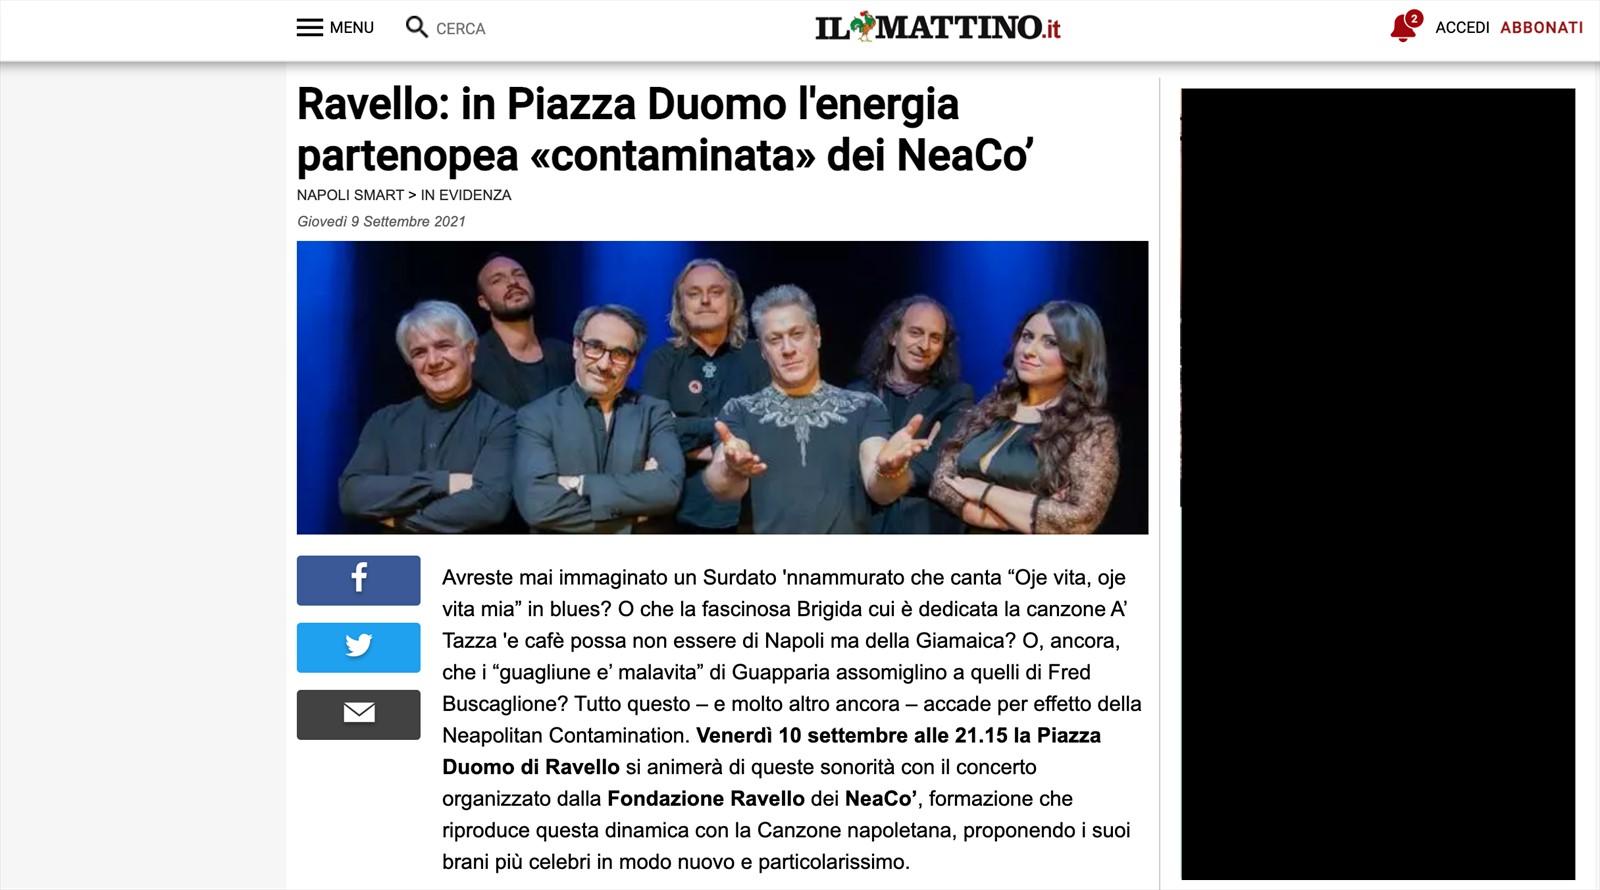 Ravello: in Piazza Duomo l'energia partenopea contaminata dei NeaCo'